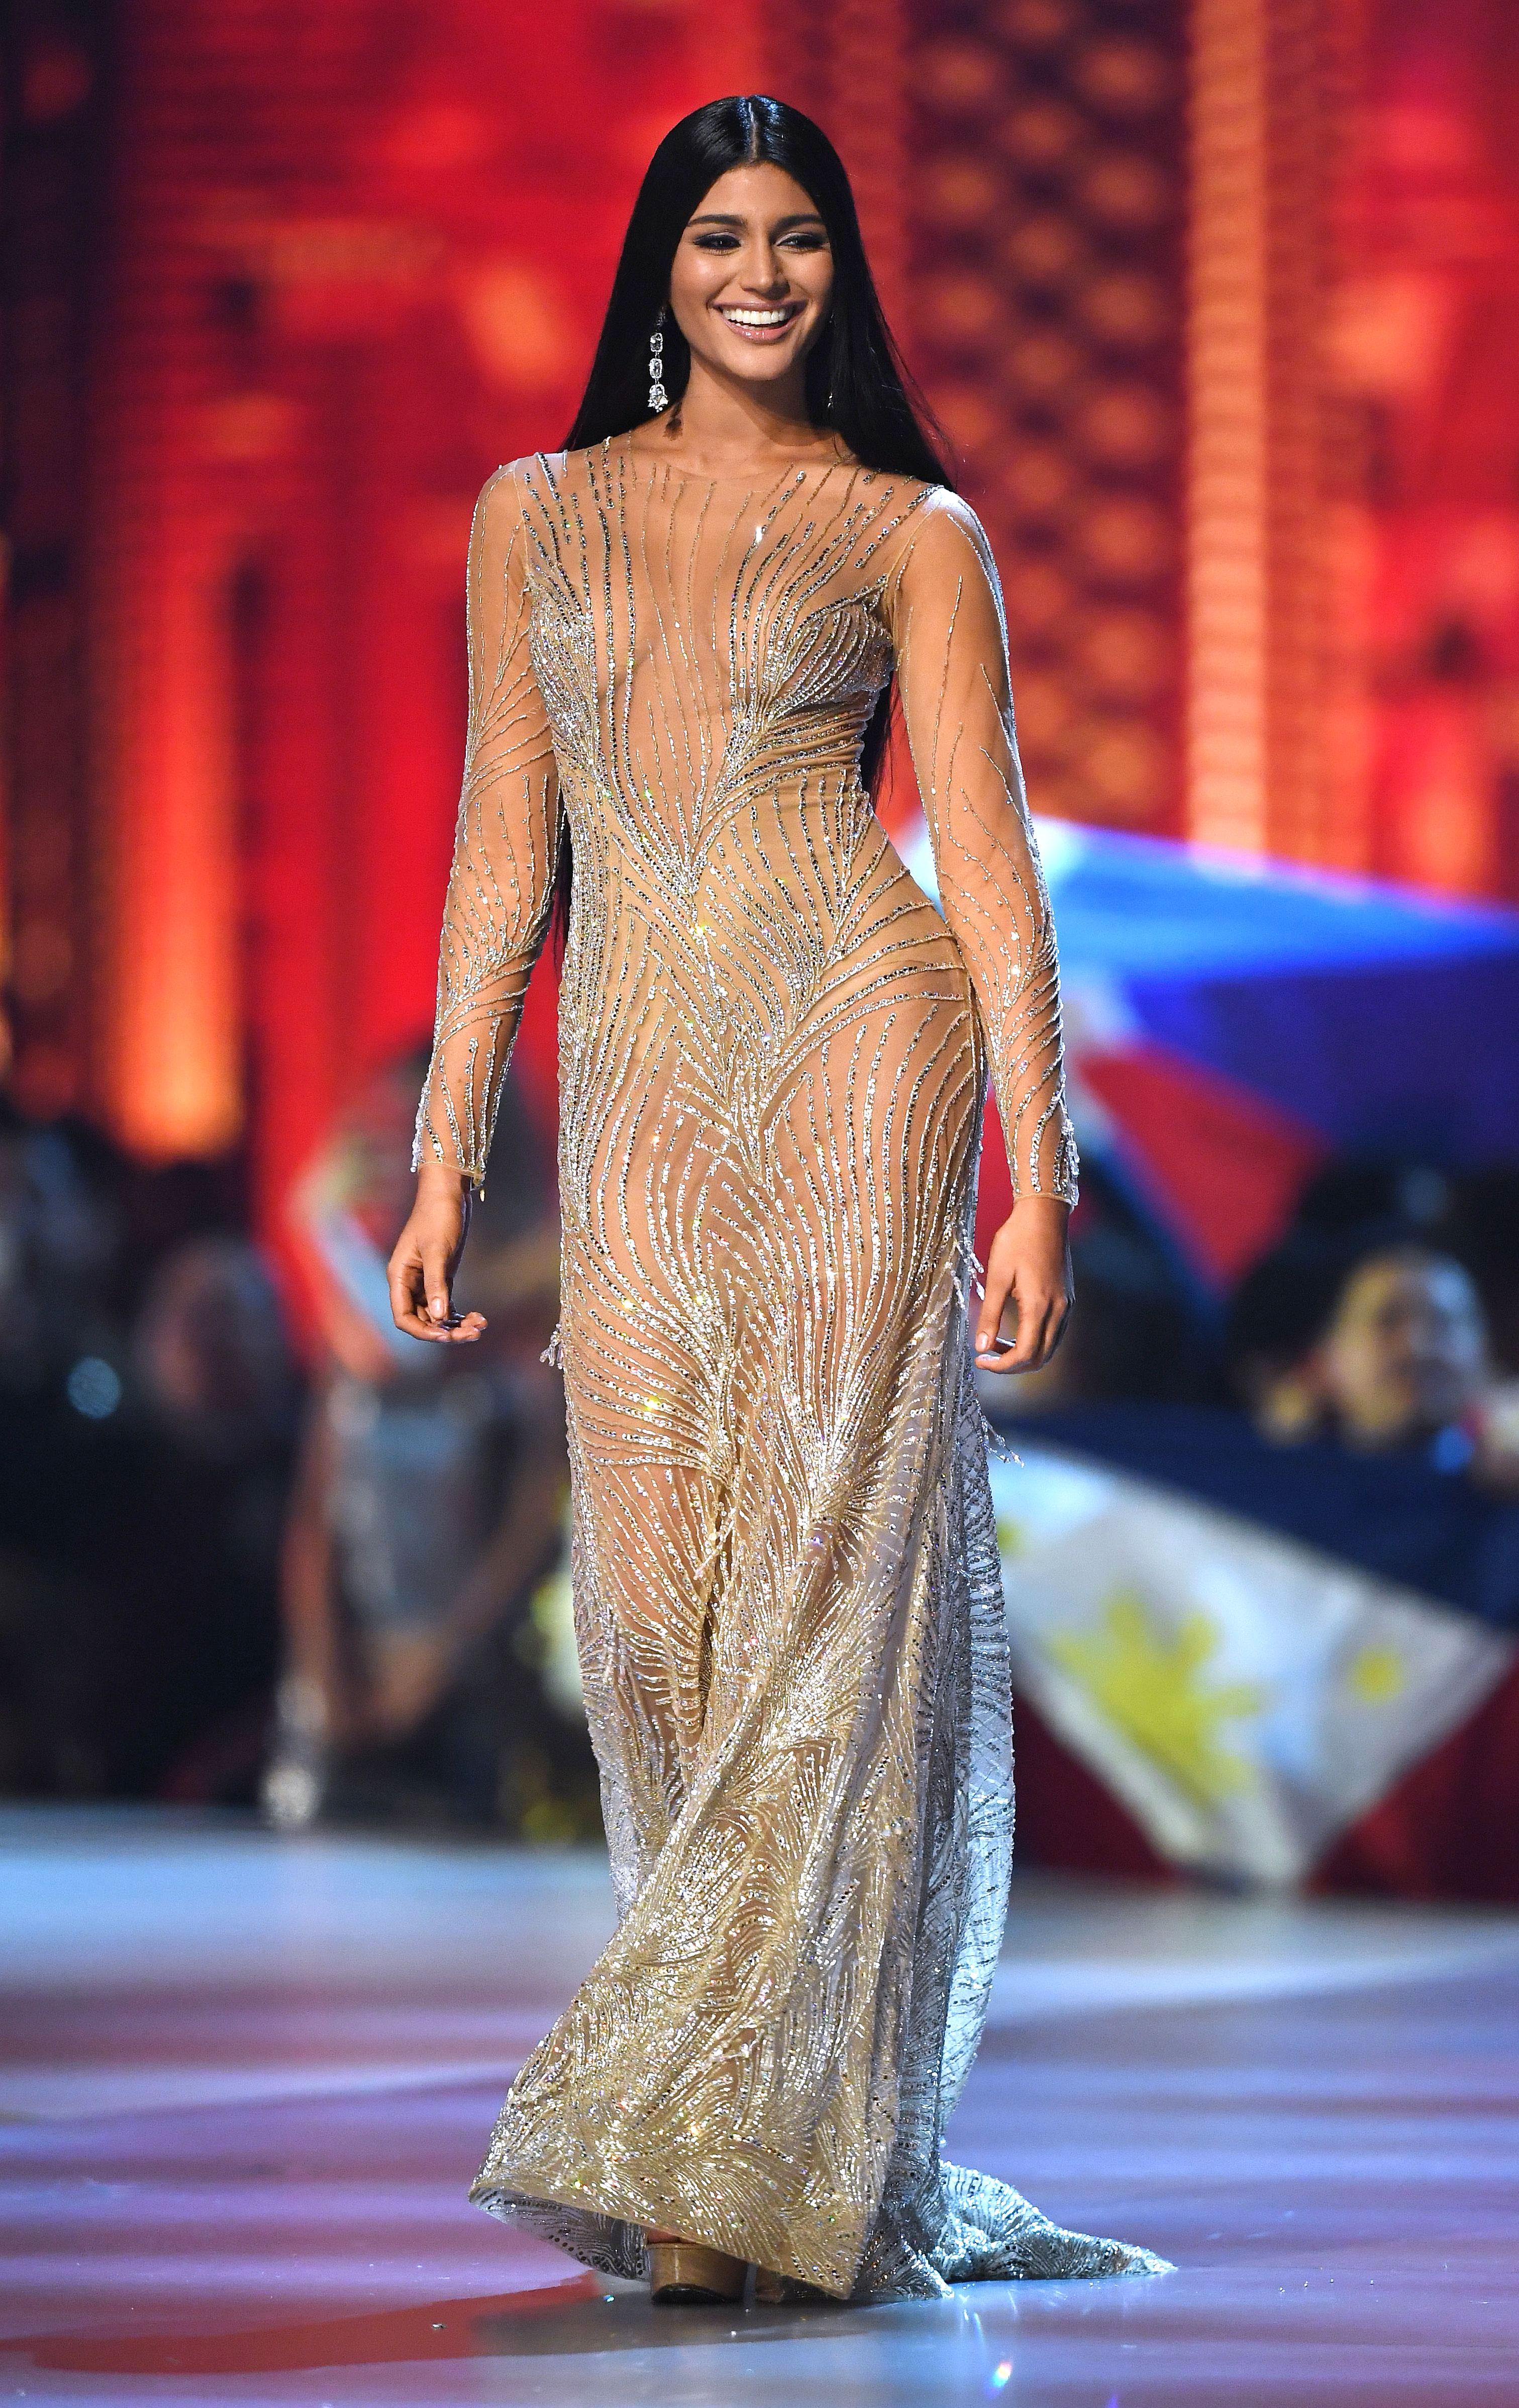 1-Miss-Venezuela-Sthefany-Gutierrez-miss